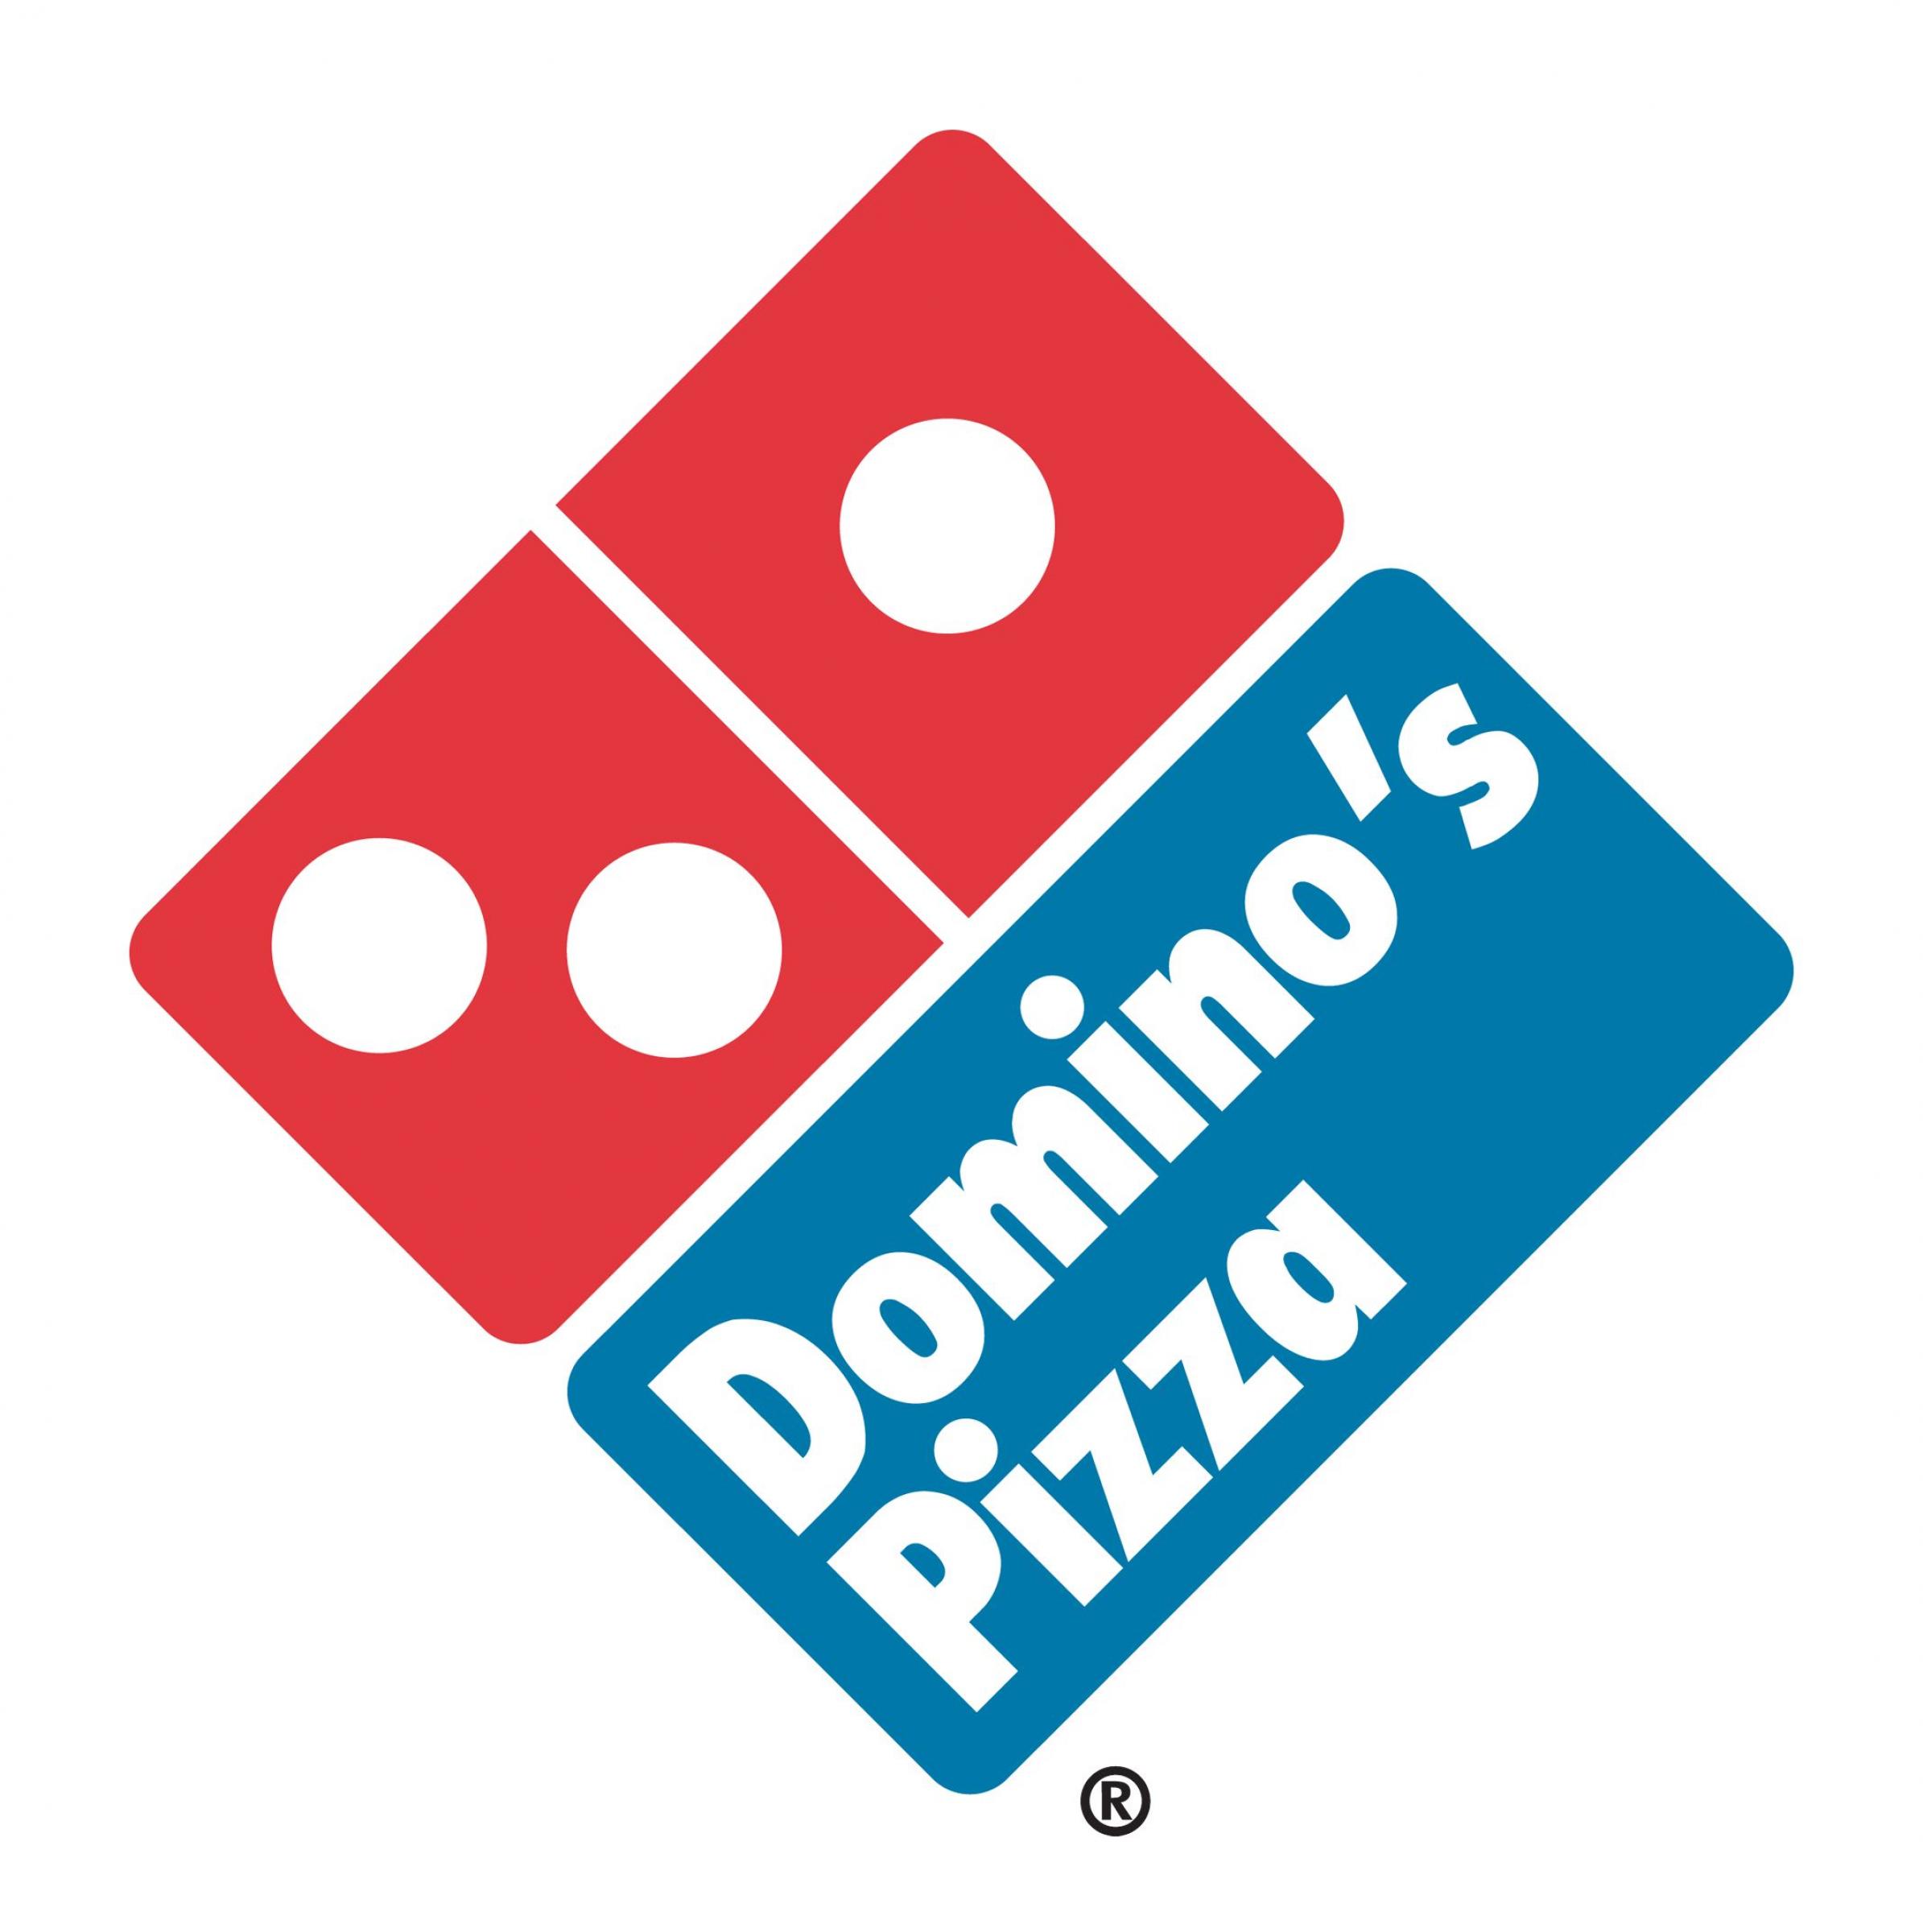 Pizza-Übernahme: Joey's wird von Domino's gekauft